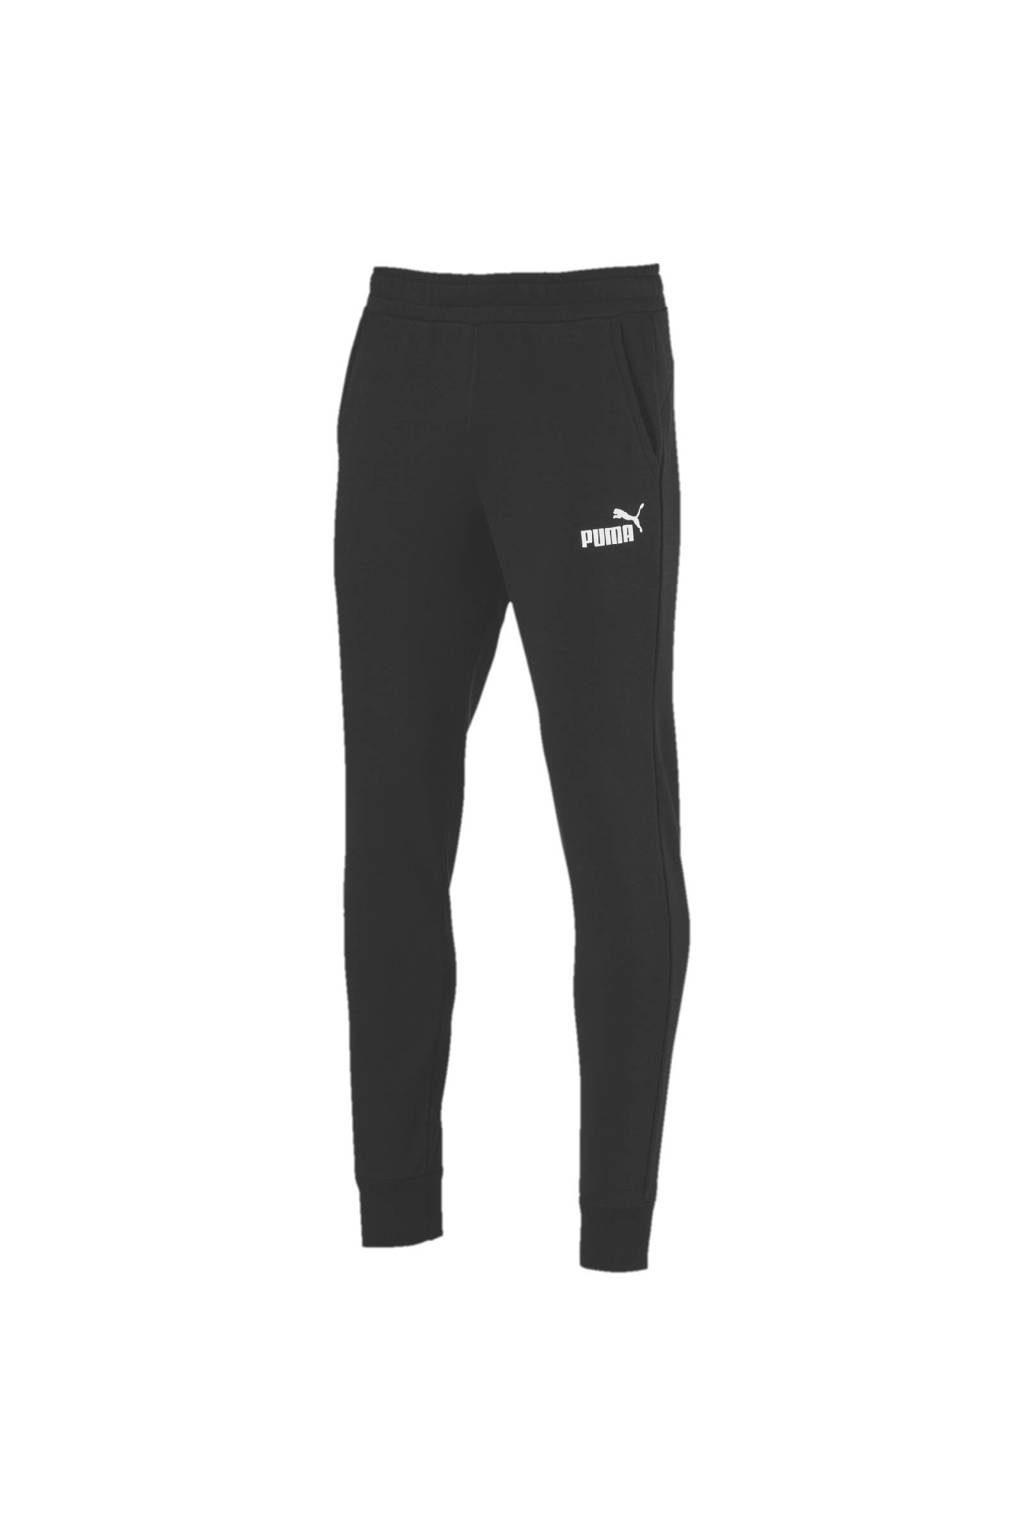 0bd7f8a3c09 Puma joggingbroek zwart | wehkamp